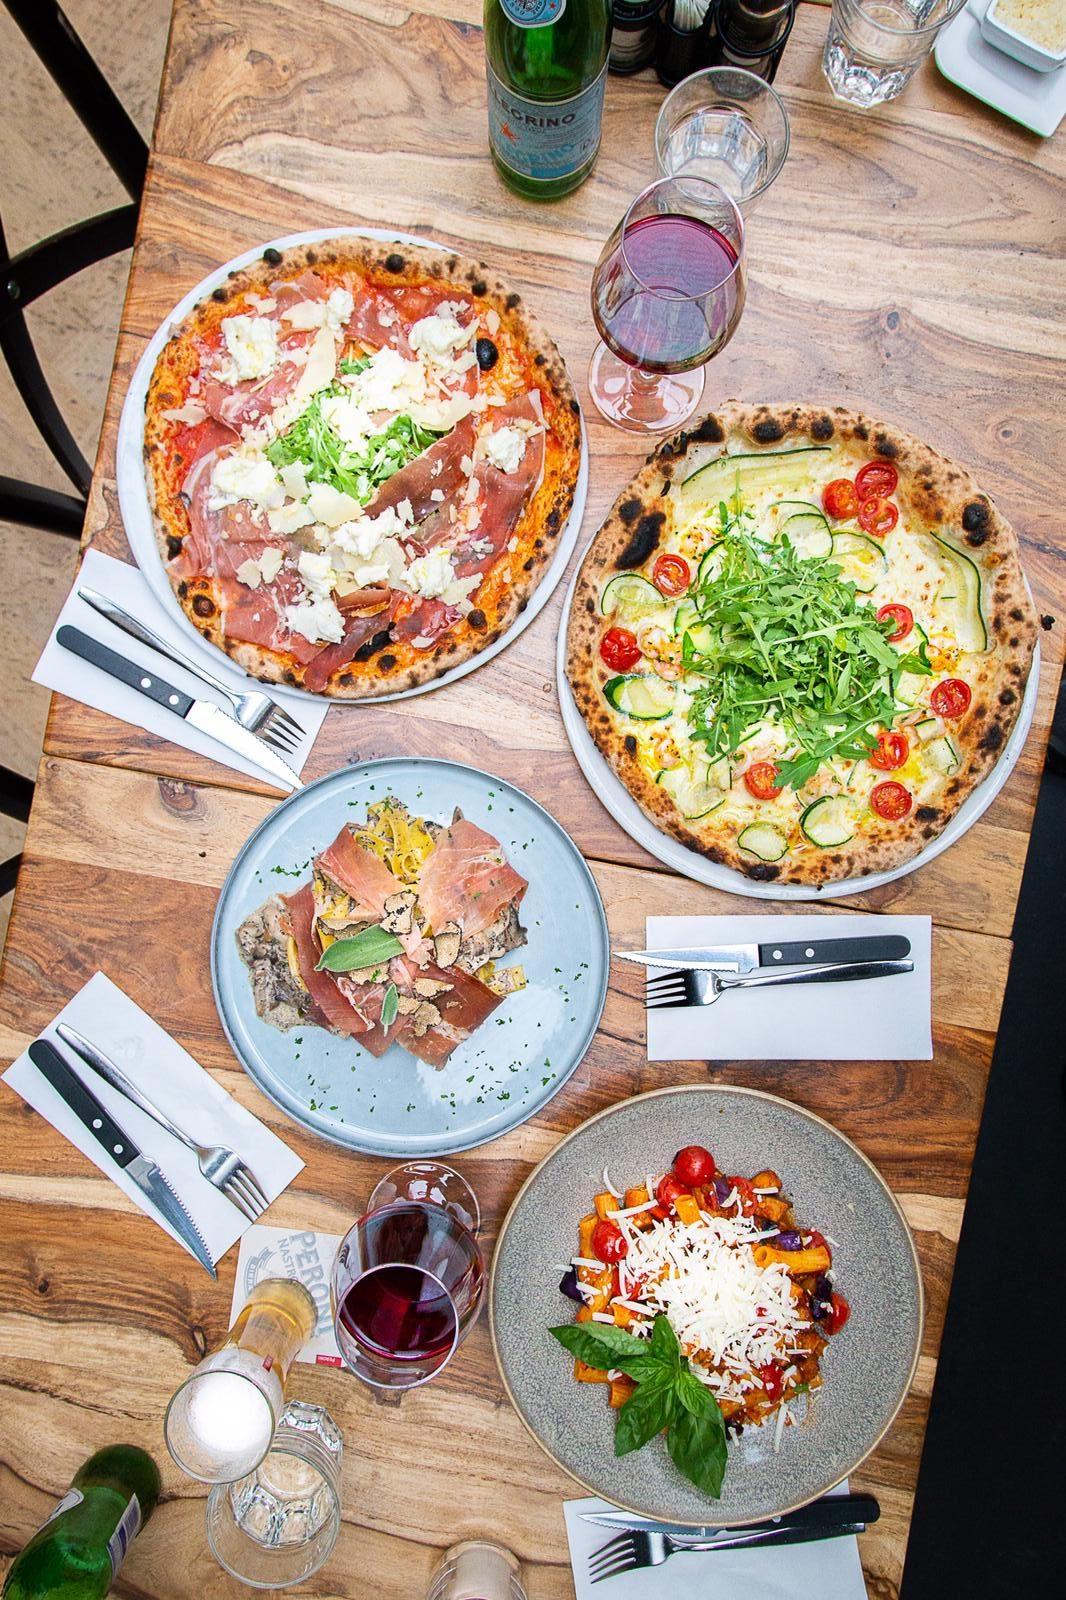 Bij Pastanini in Den Haag zijn de pizza's zoals het hoort: dunne bodem, knapperig en uit de houtoven. Ook fijn: je kan hier uit twee maten pizza kiezen, 20 of 30 cm.